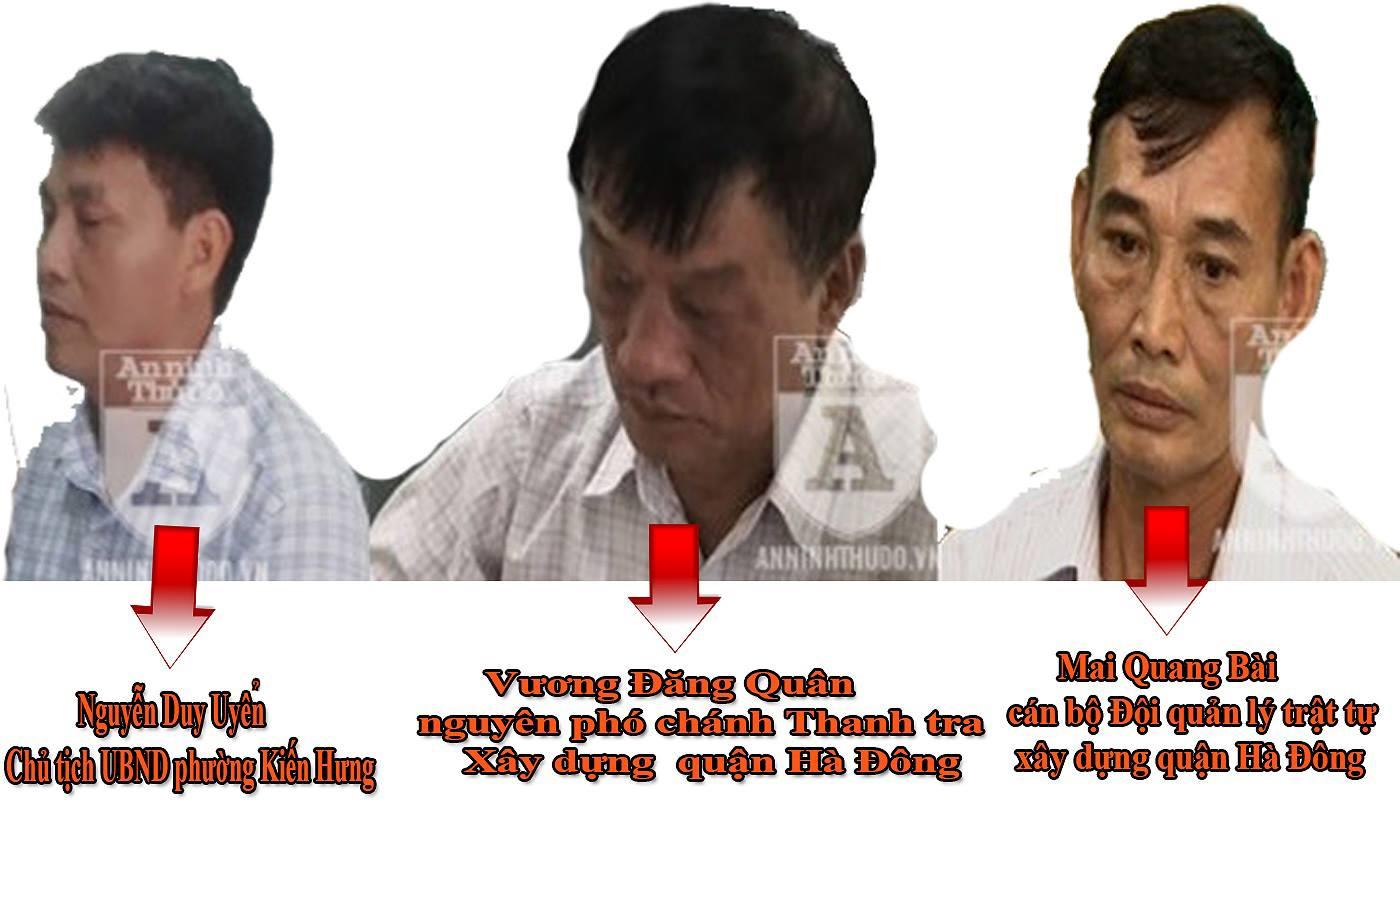 Những cán bộ bị bắt giam, kỷ luật vì sai phạm xây dựng tại Hà Nội - ảnh 2